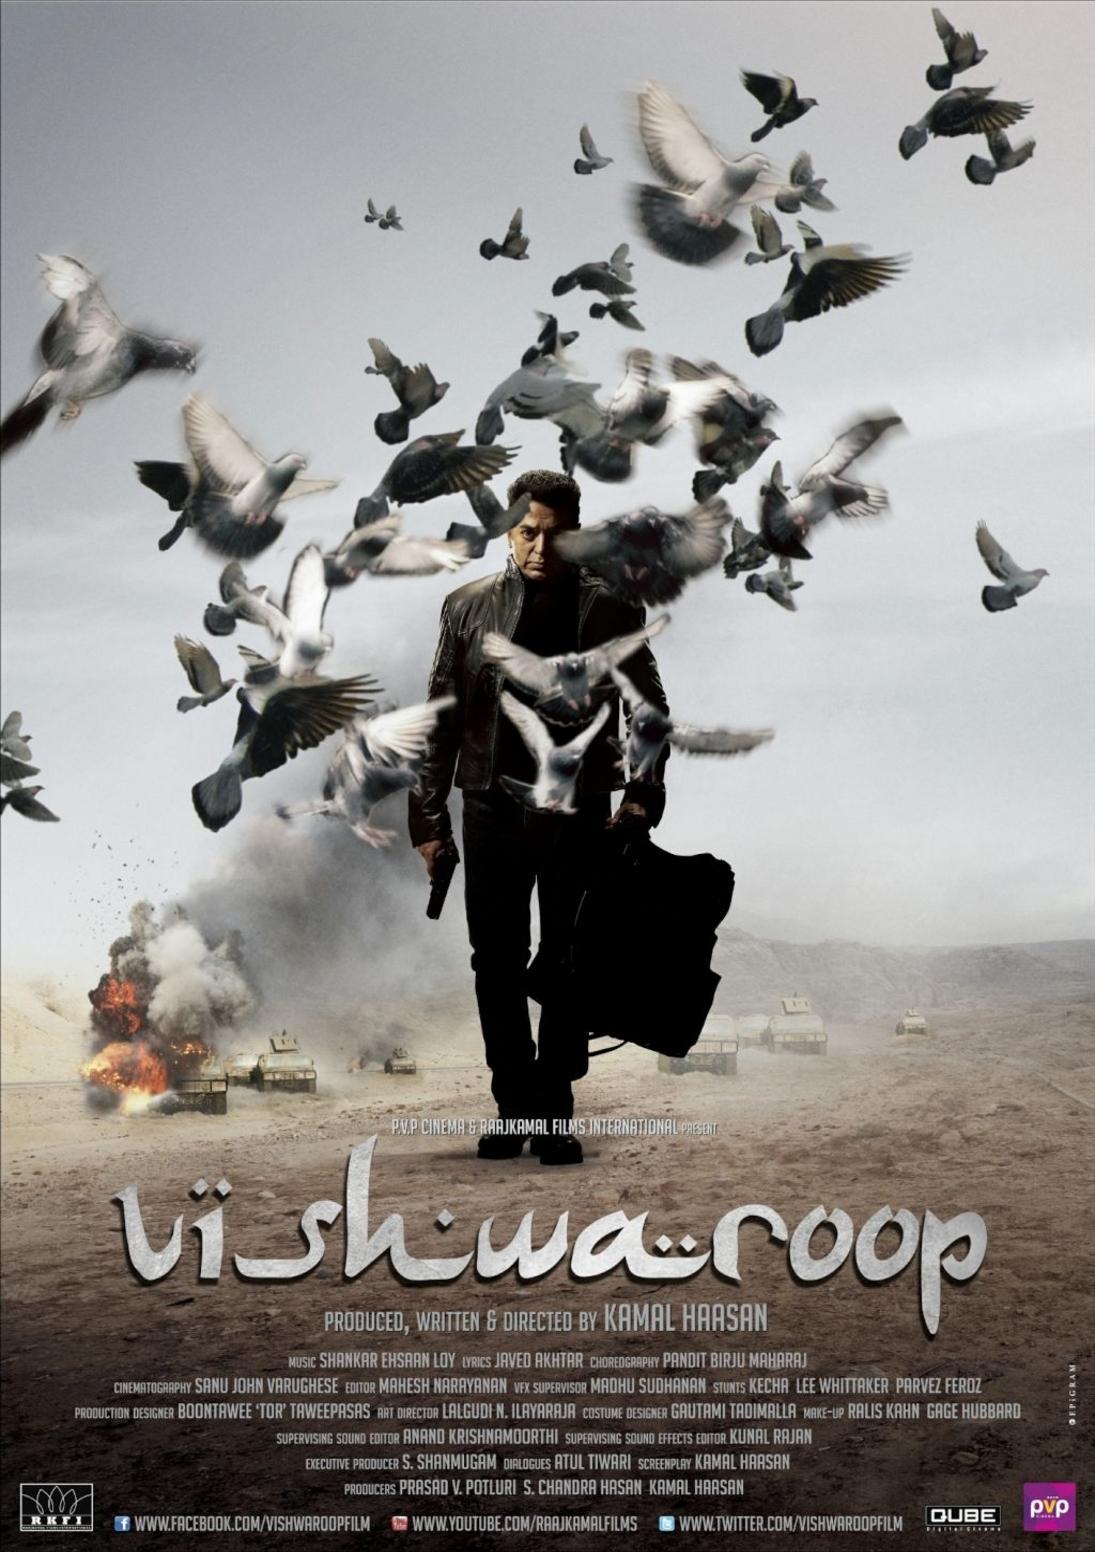 Vishwaroop - Movie Poster #2 (Original)